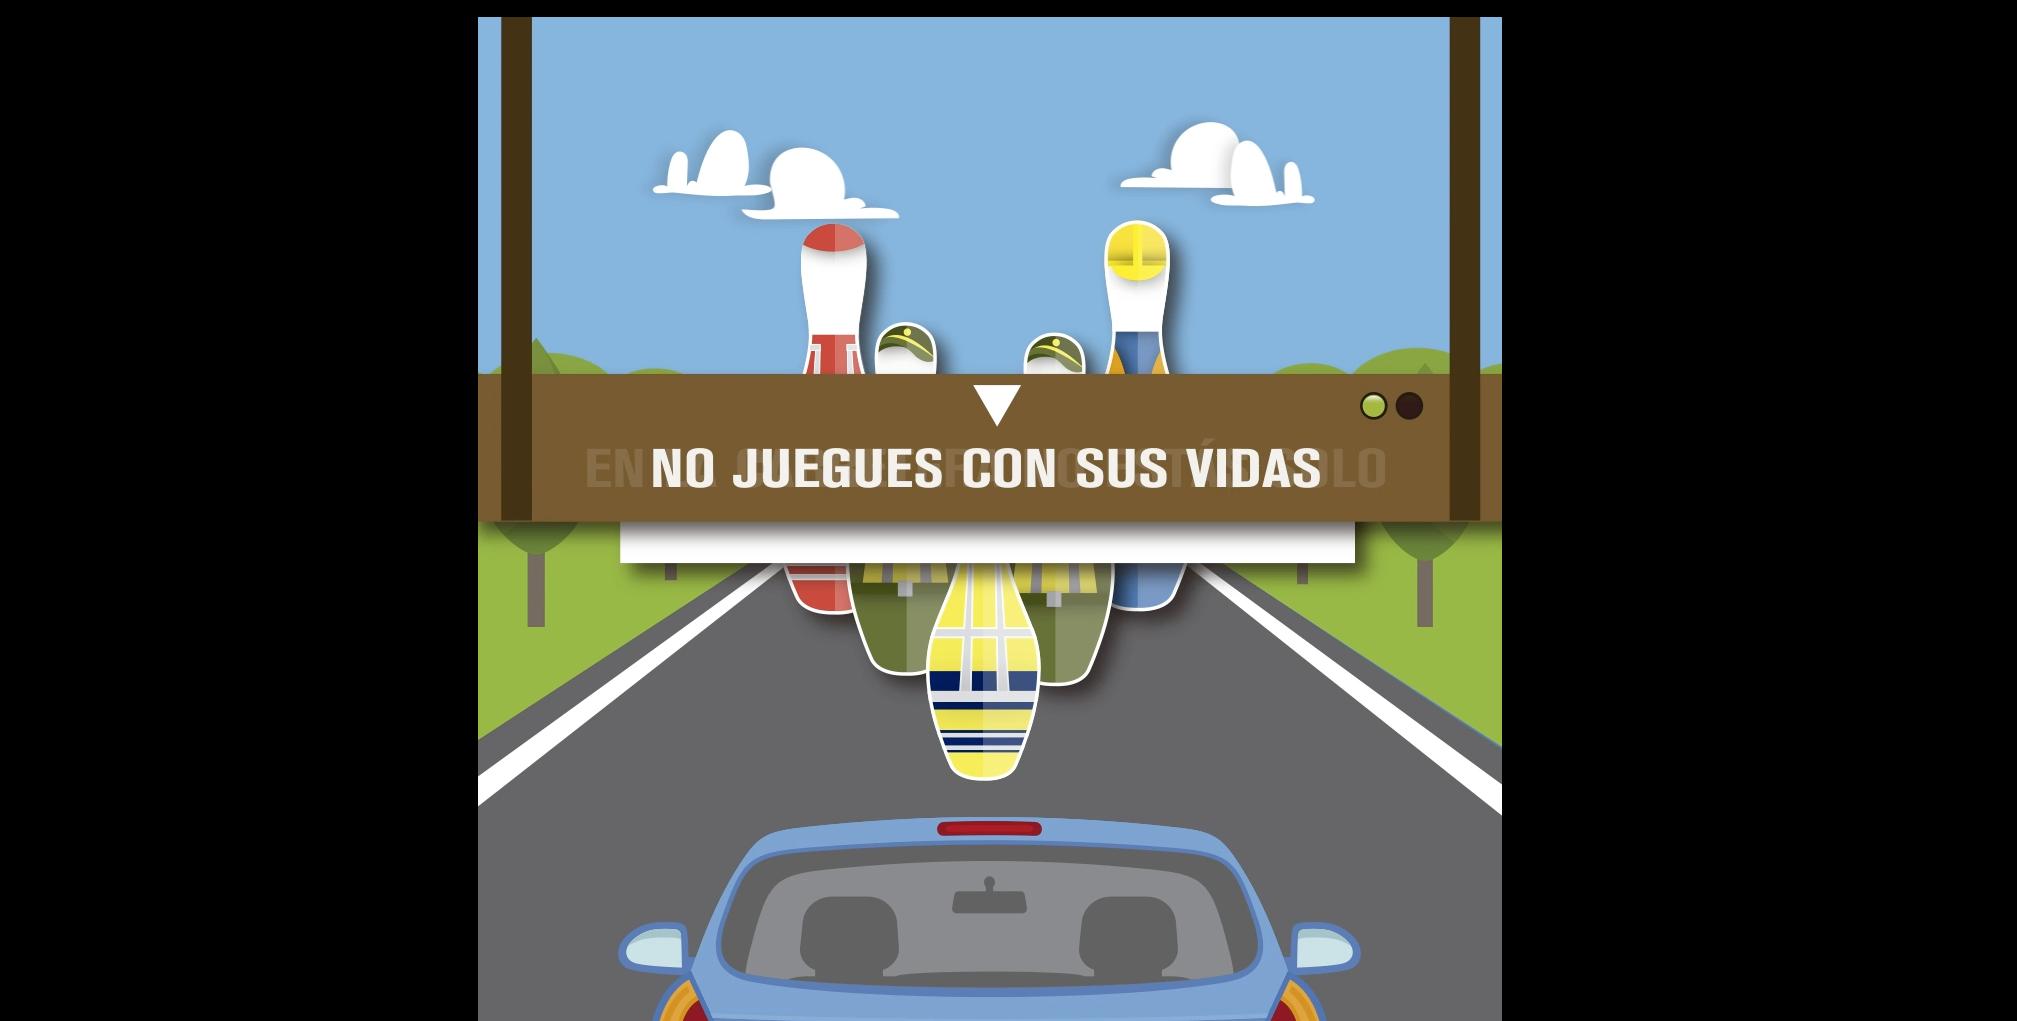 La DGT pide prudencia con los trabajadores de las carreteras